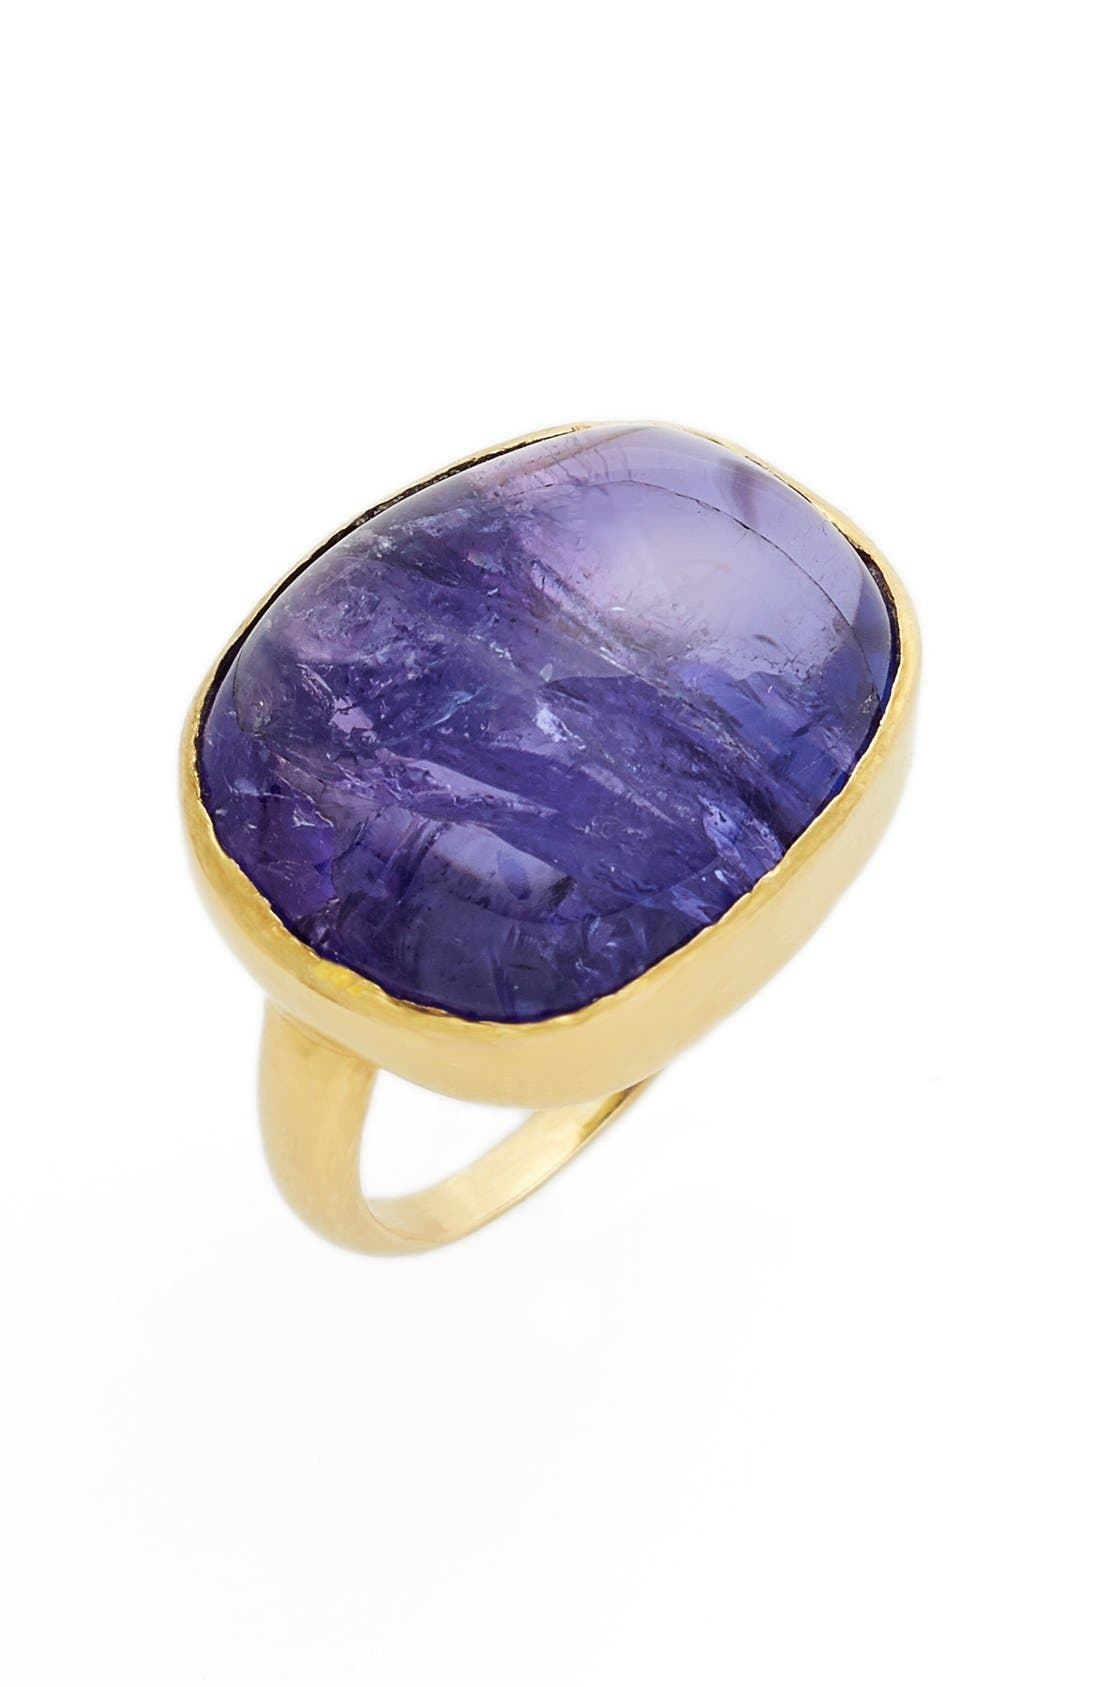 Pippa Small Tumbled Tanzanite Greek Ring